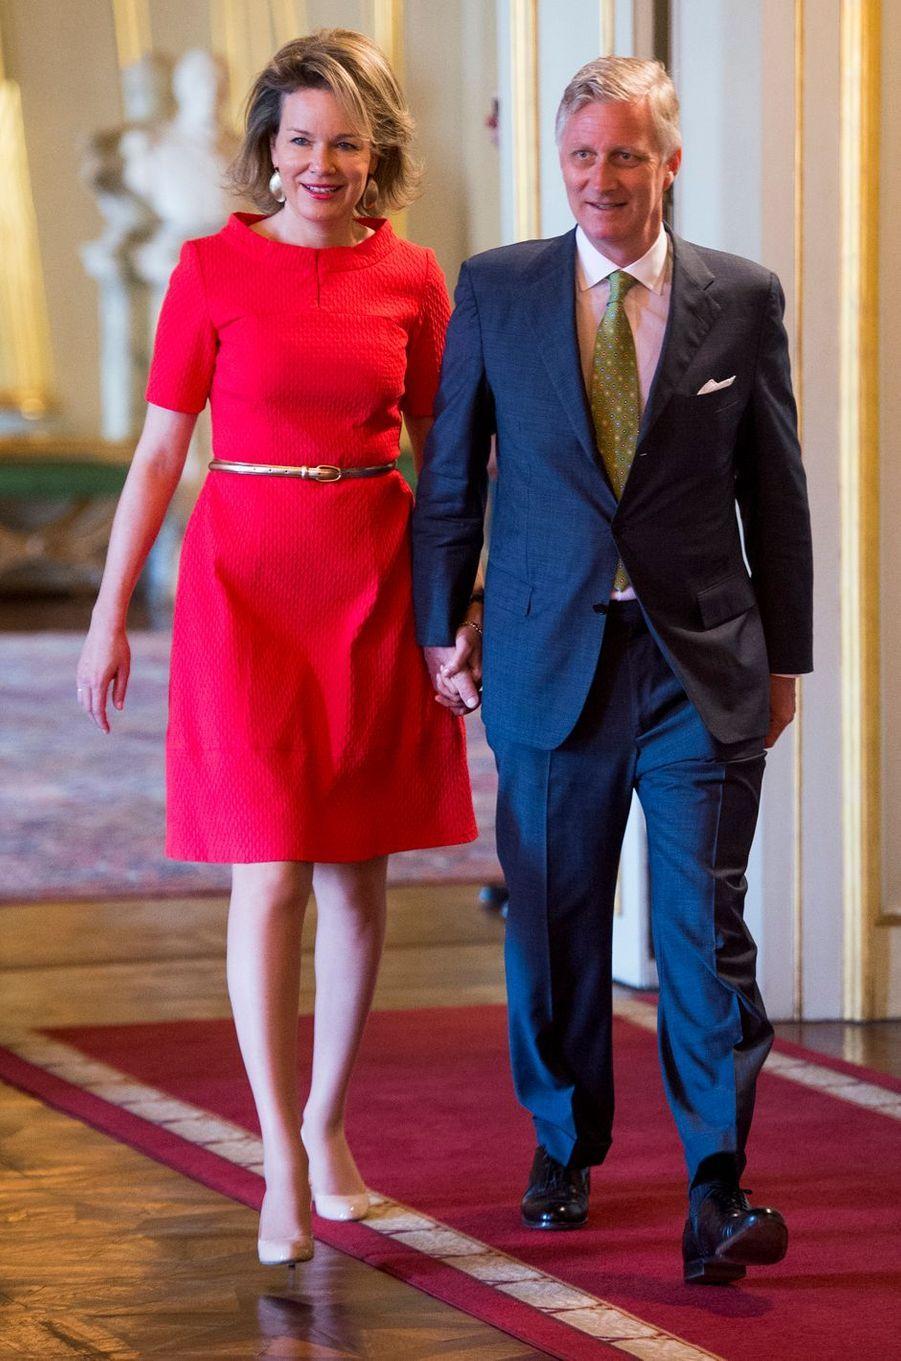 La reine Mathilde et le roi Philippe de Belgique à Bruxelles, le 11 mai 2016